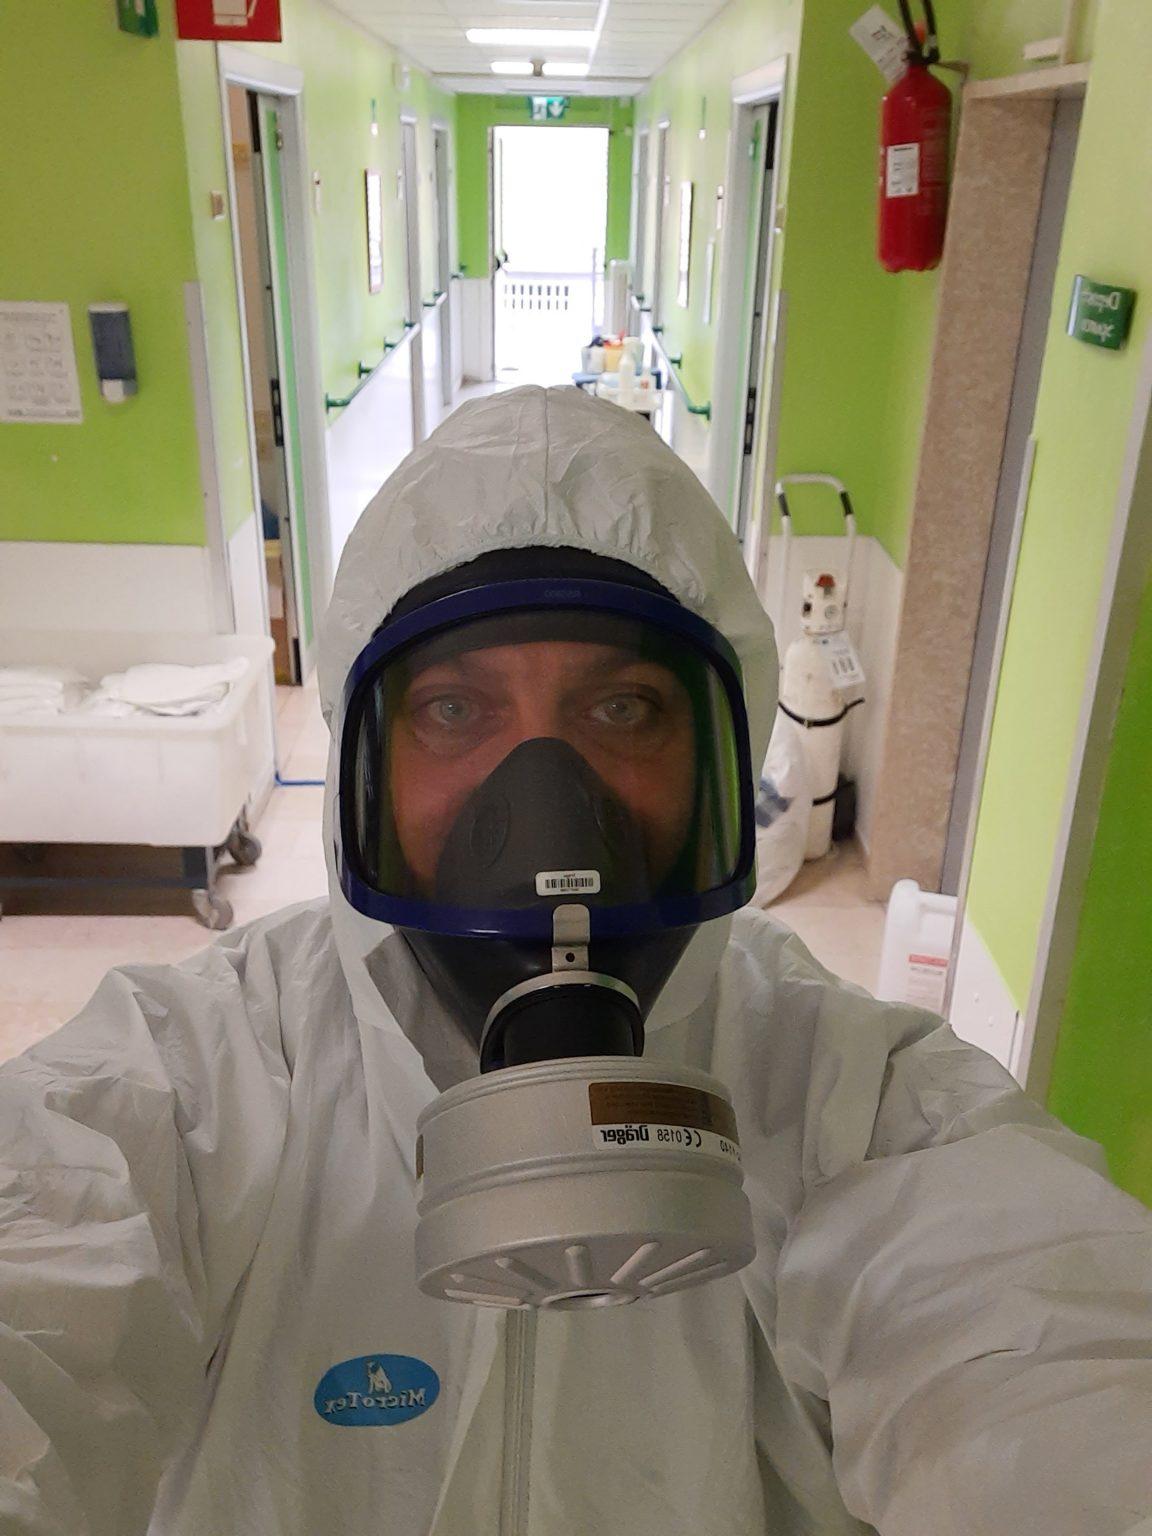 Un uomo con una tuta tyvek e una maschera con filtro assoluto all'interno di una corsia ospedaliera